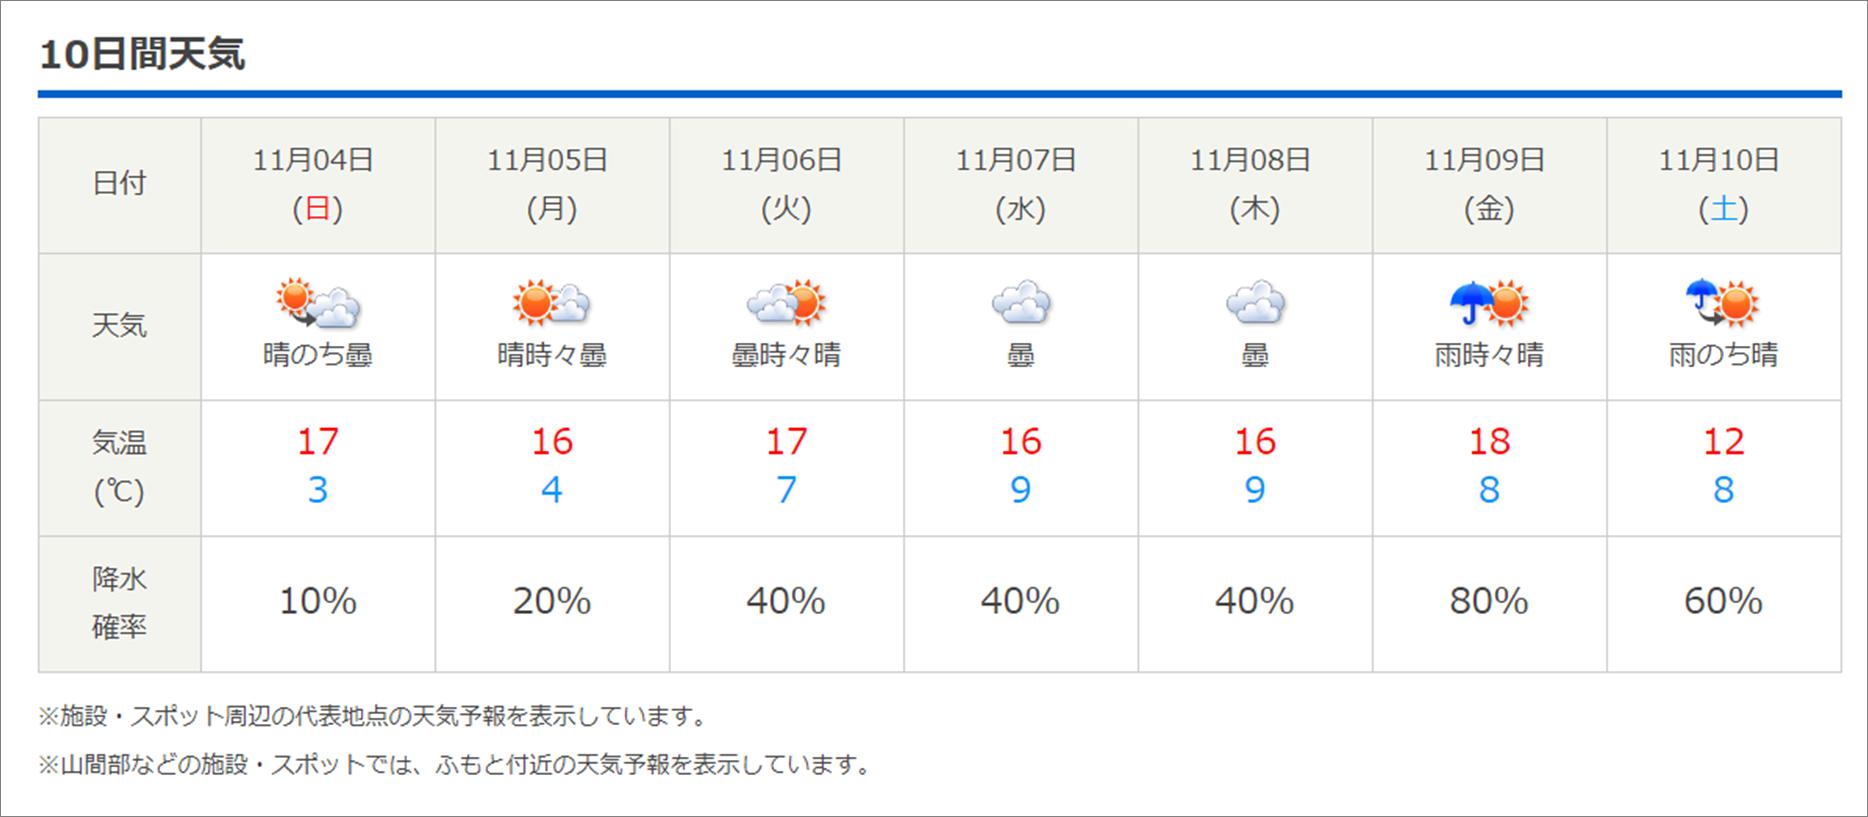 今週末の天気と気温(2018年11月1日):寒さに注意!!装備品ご確認下さい(レンタル品一部欠品出てきています)_b0174425_20583555.png